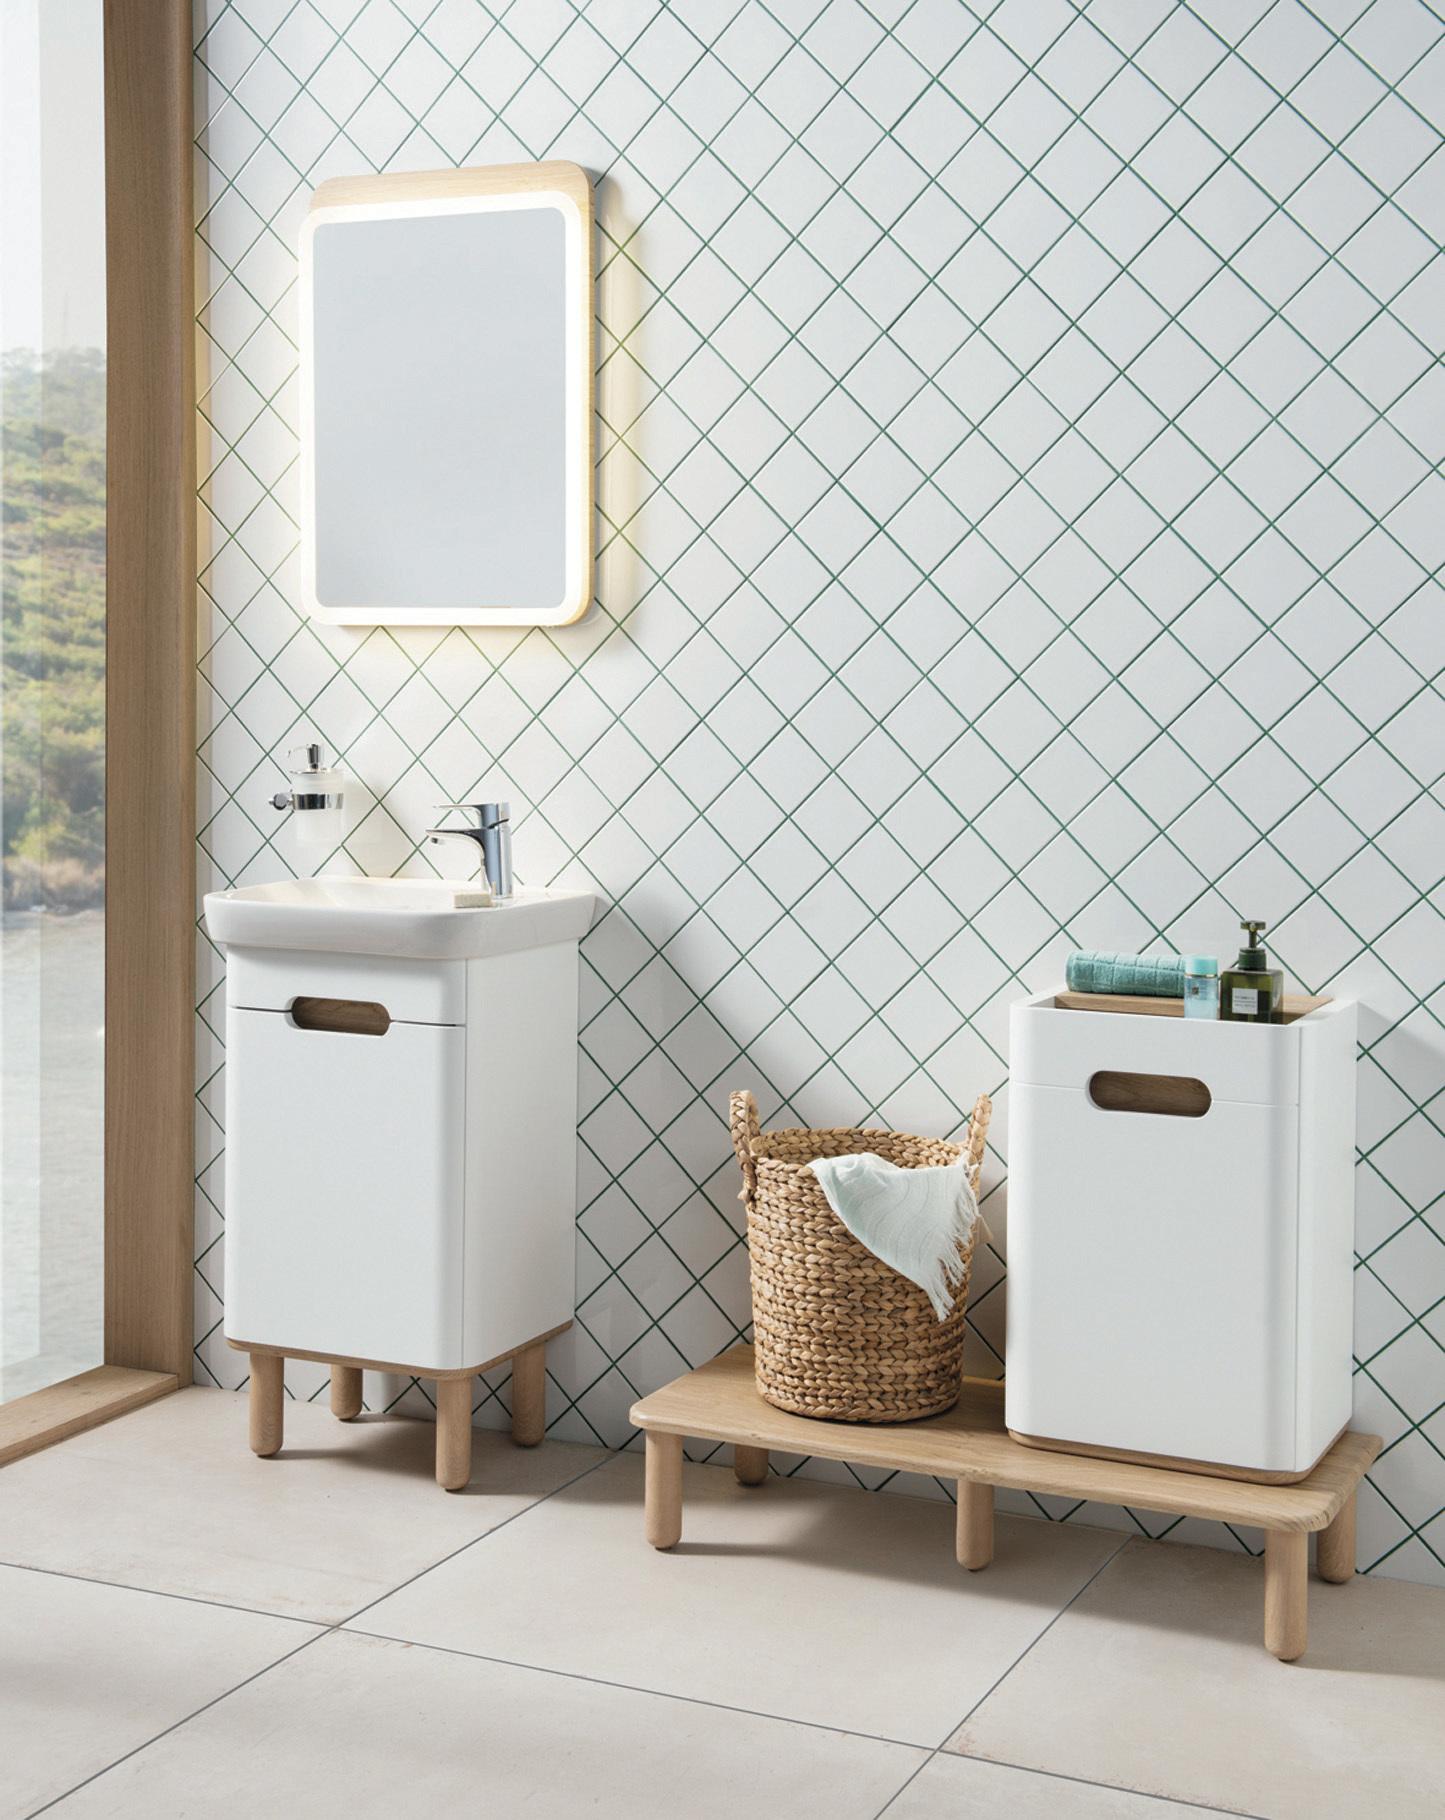 Sento vanity unit by VitrA Bathroom | STYLEPARK